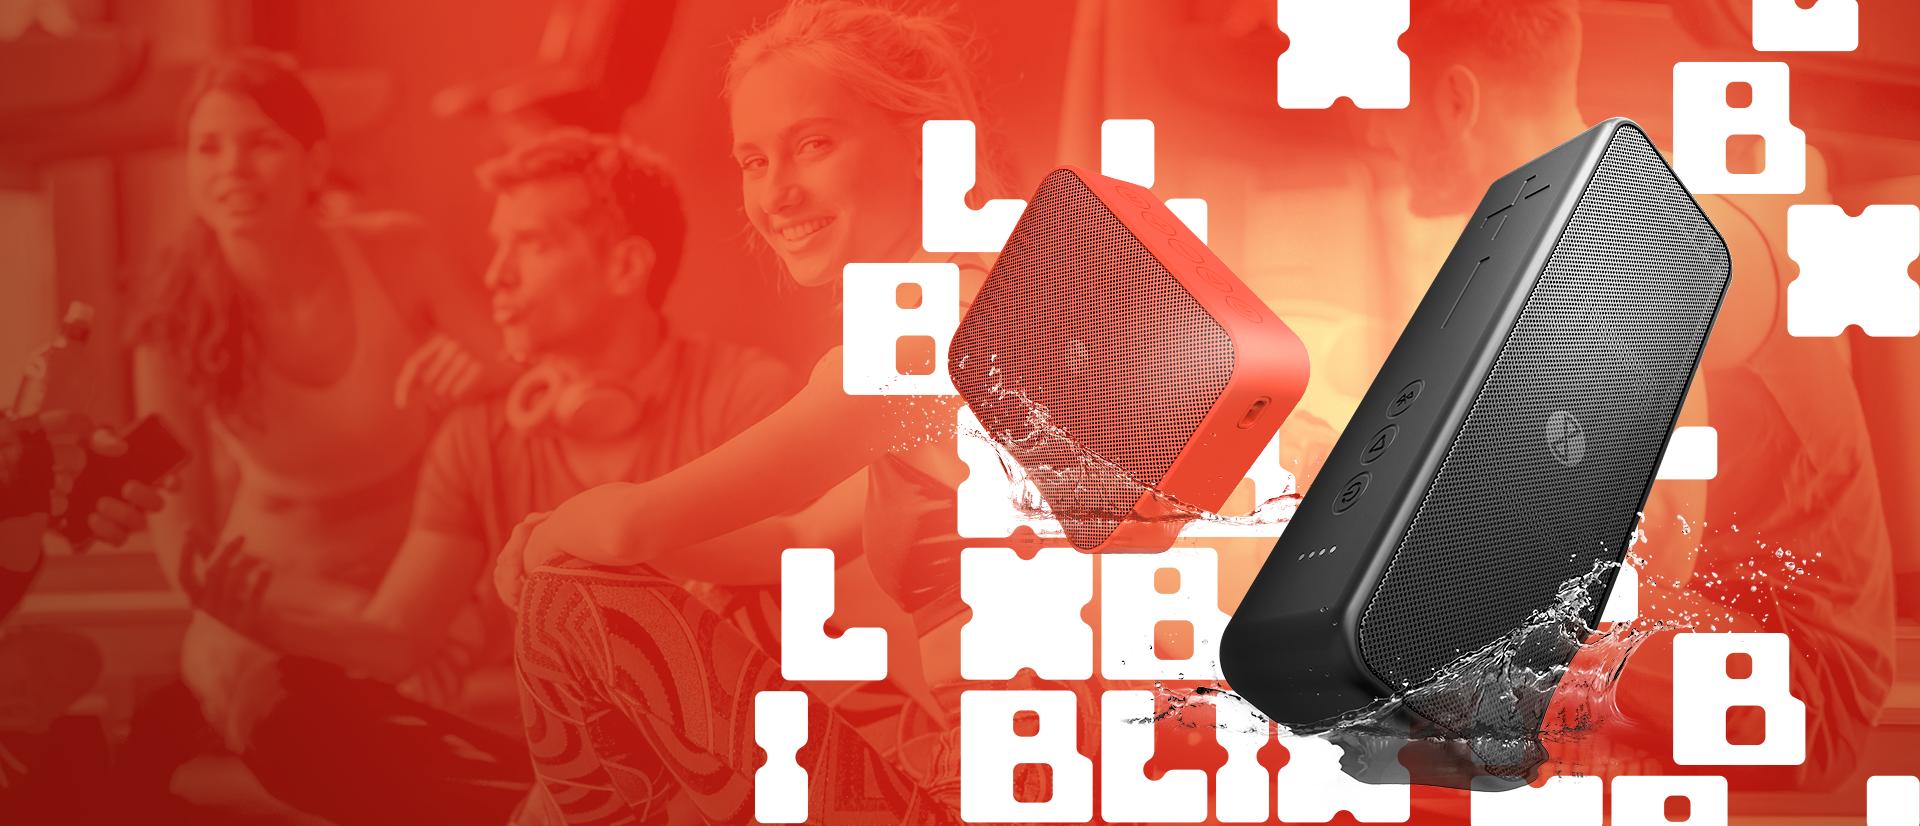 (Polski)  Głośnik Bluetooth Forever Speaker Blix 5 BS-800 Słuchaj muzyki, gdziekolwiek jesteś